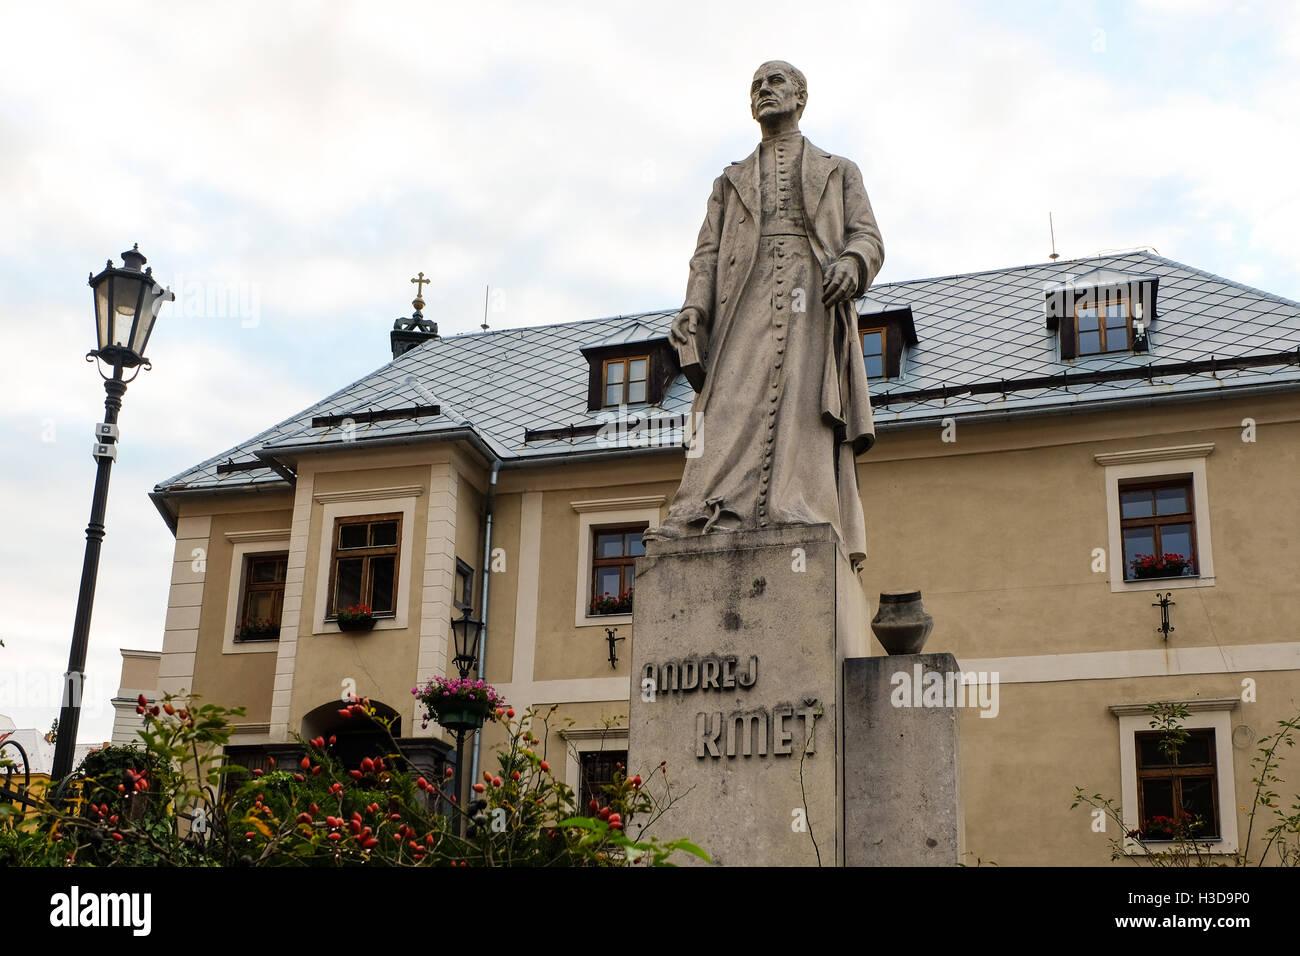 Andrej Kmet statue in Banska Stiavnica, Slovakia - Stock Image